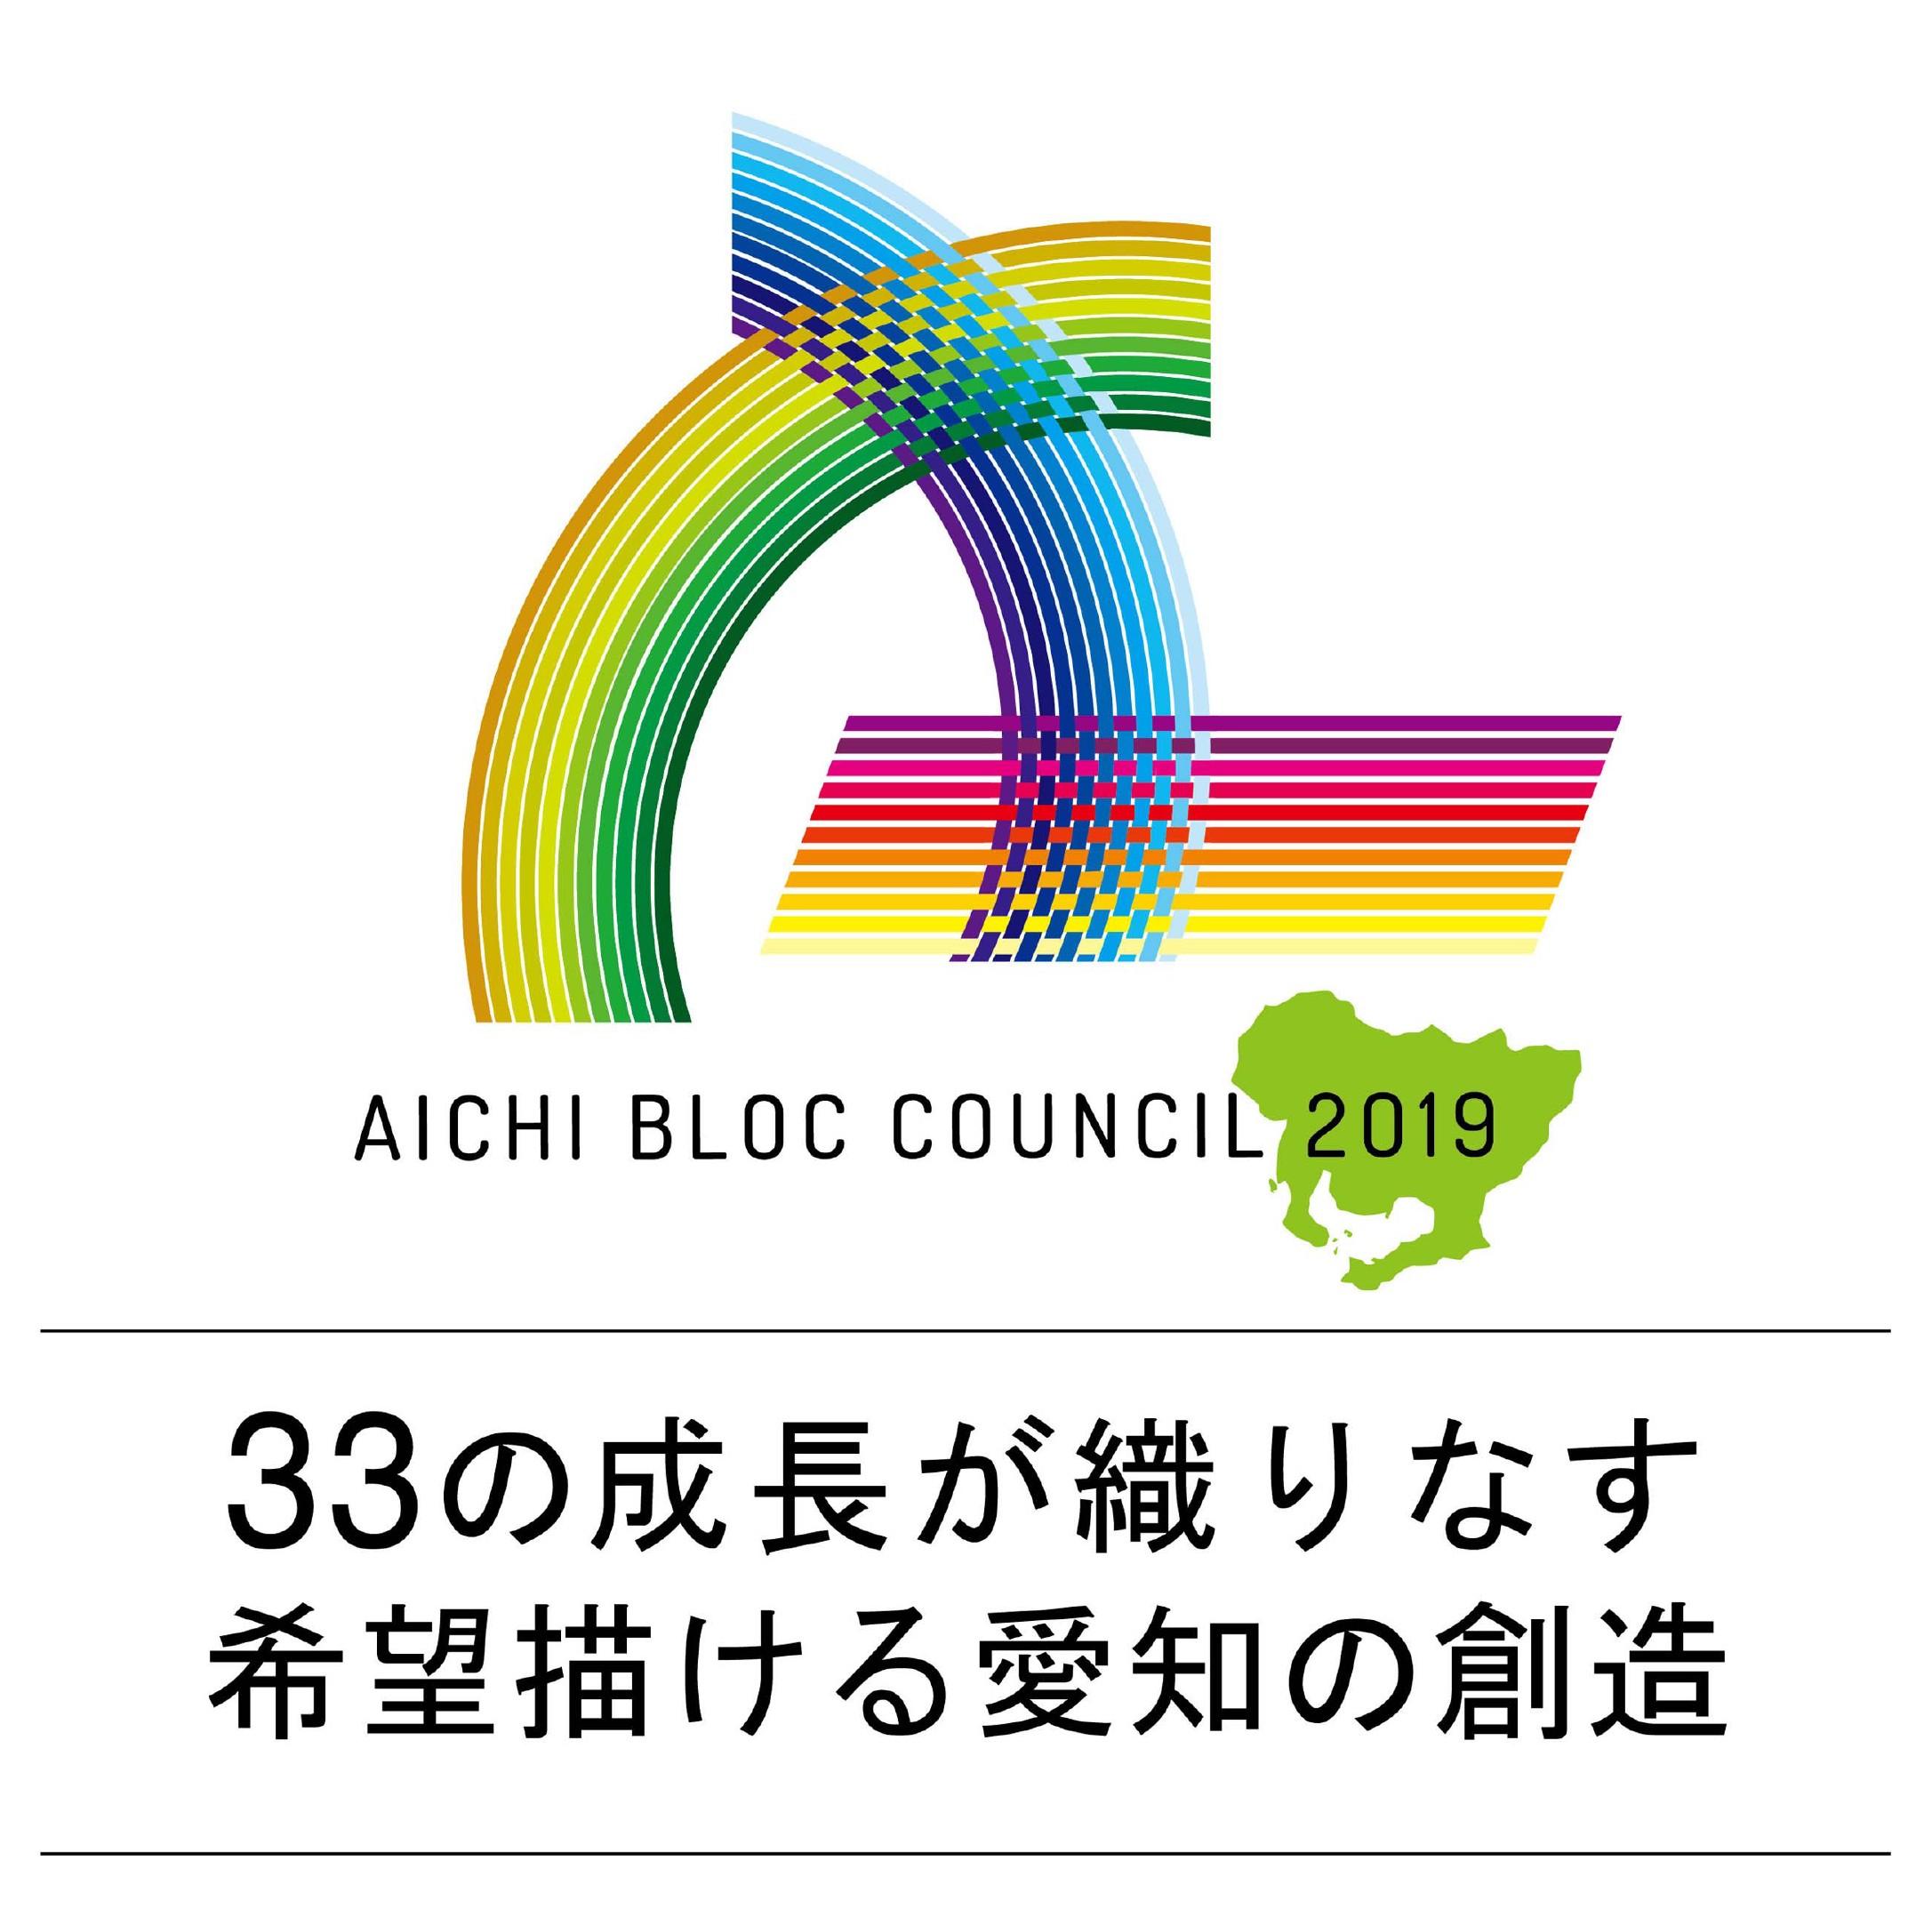 公益社団法人日本青年会議所2019年度愛知ブロック協議会